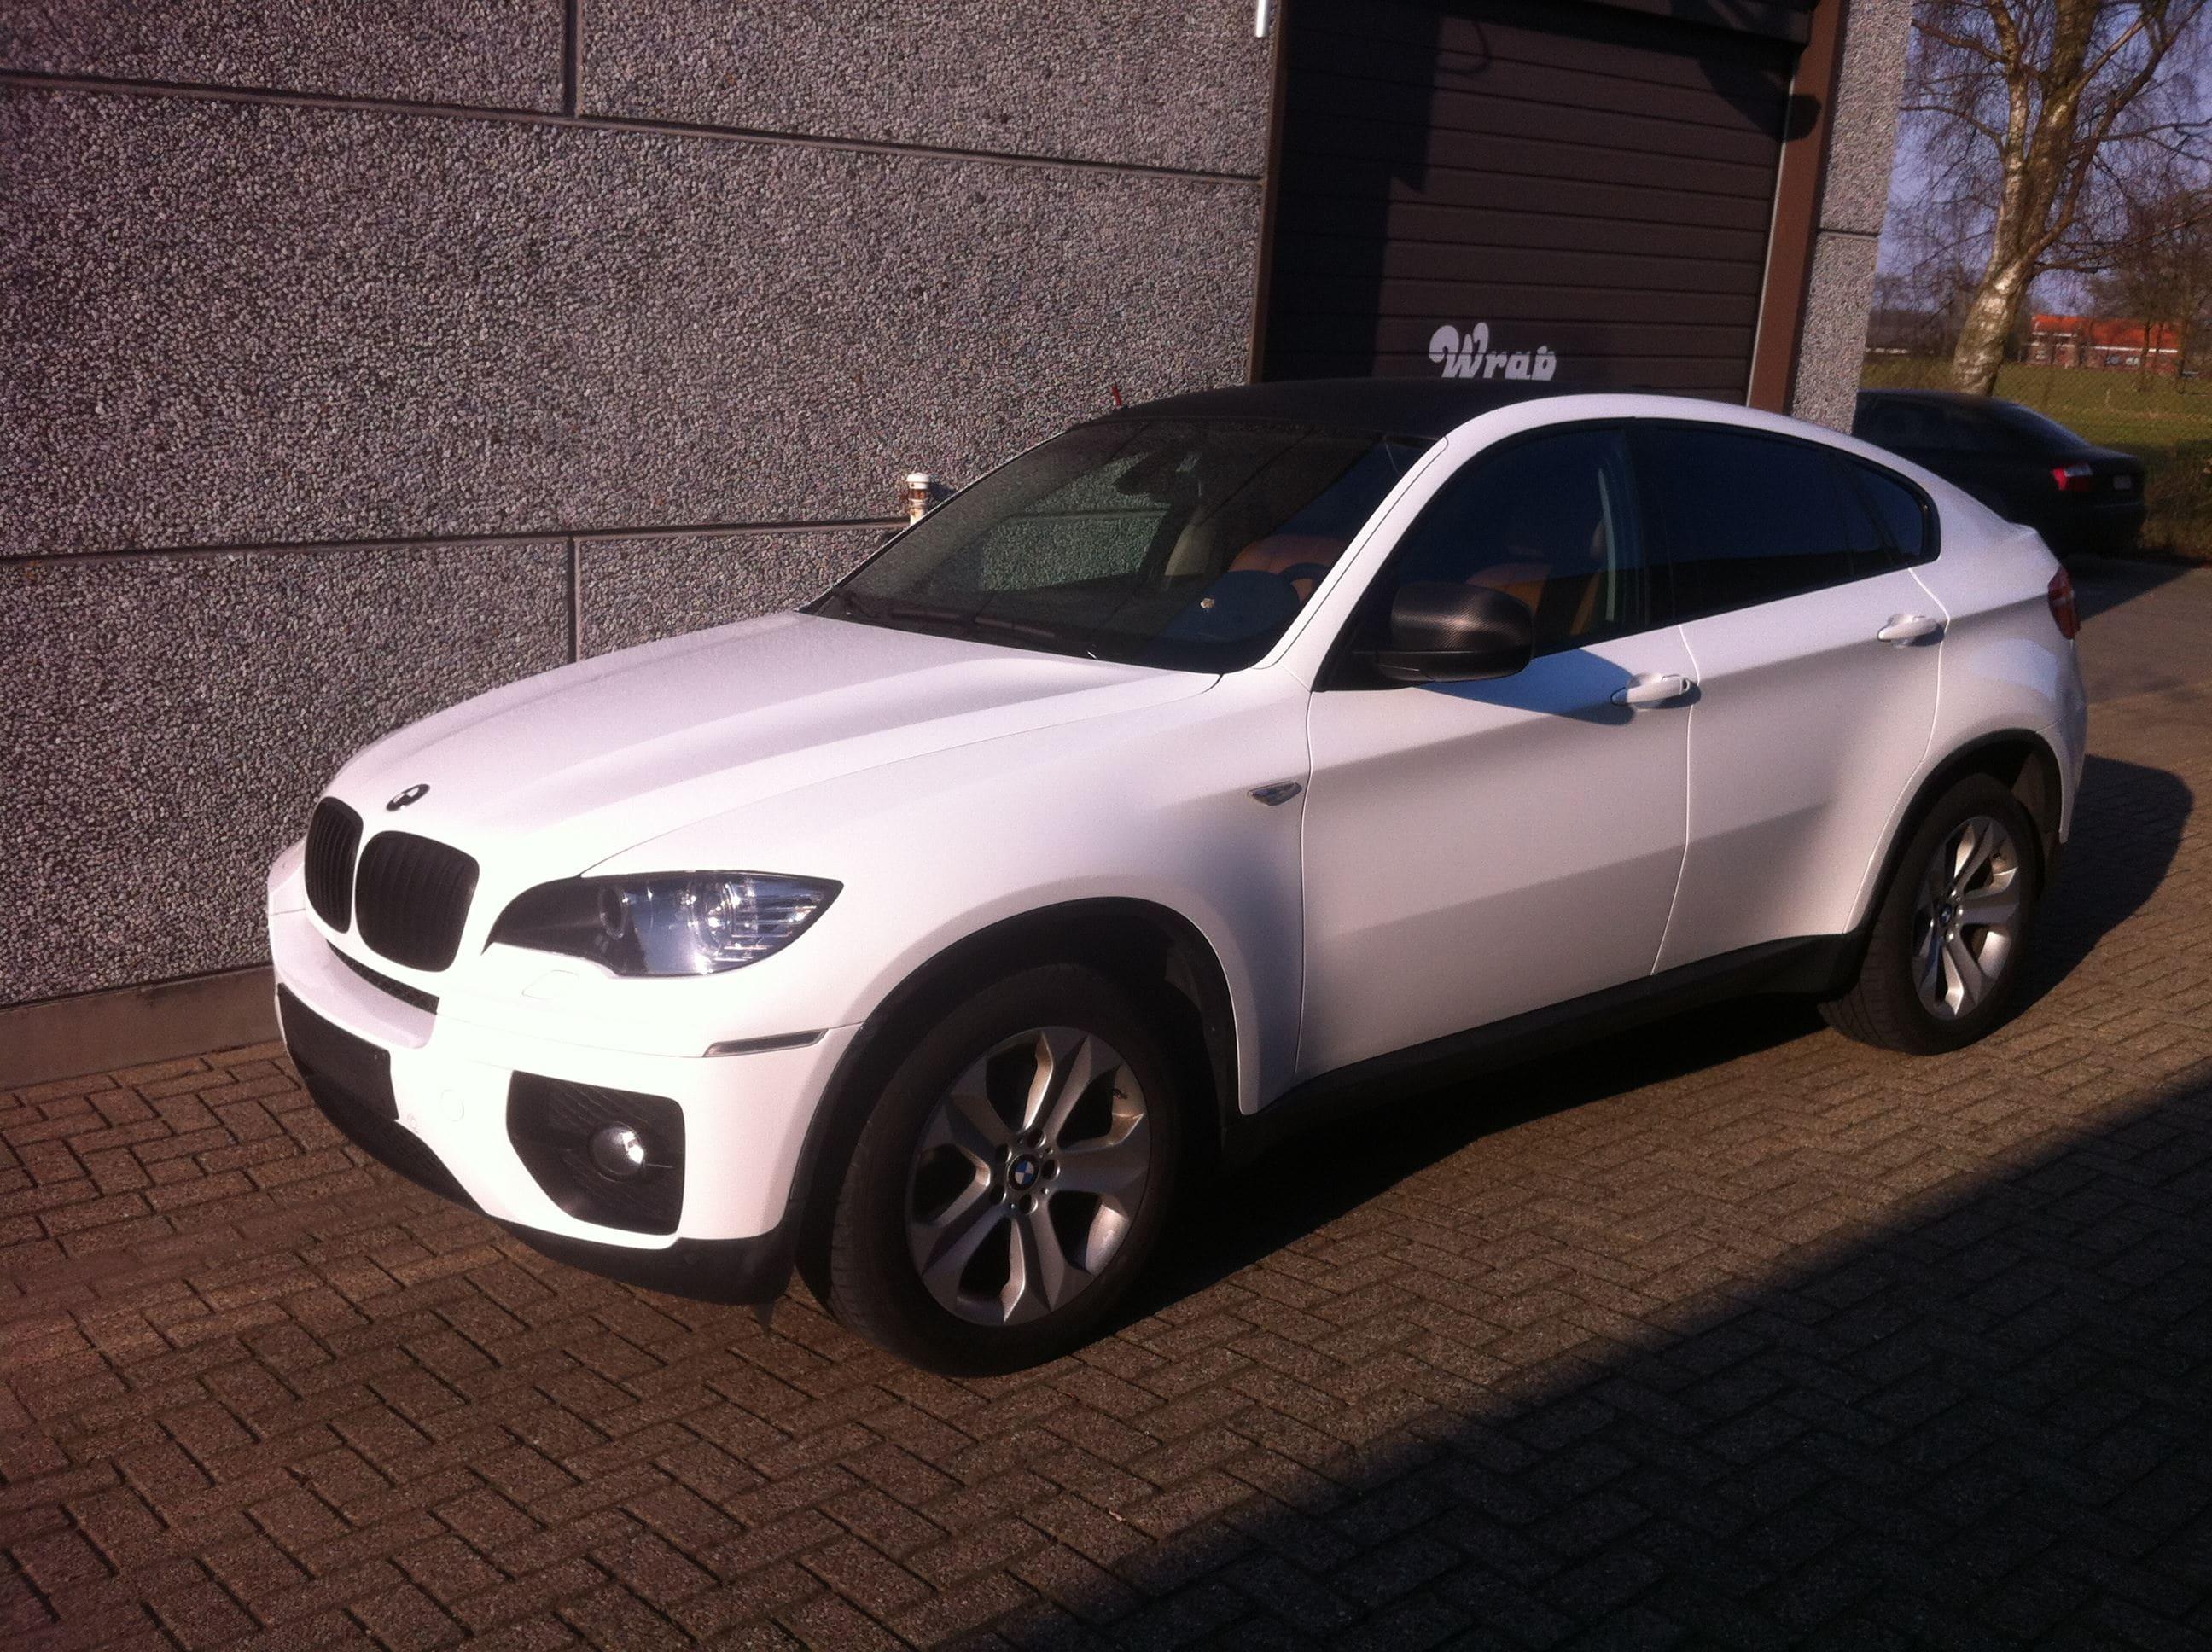 BMW X6 met Metallic Witte Wrap, Carwrapping door Wrapmyride.nu Foto-nr:5506, ©2021